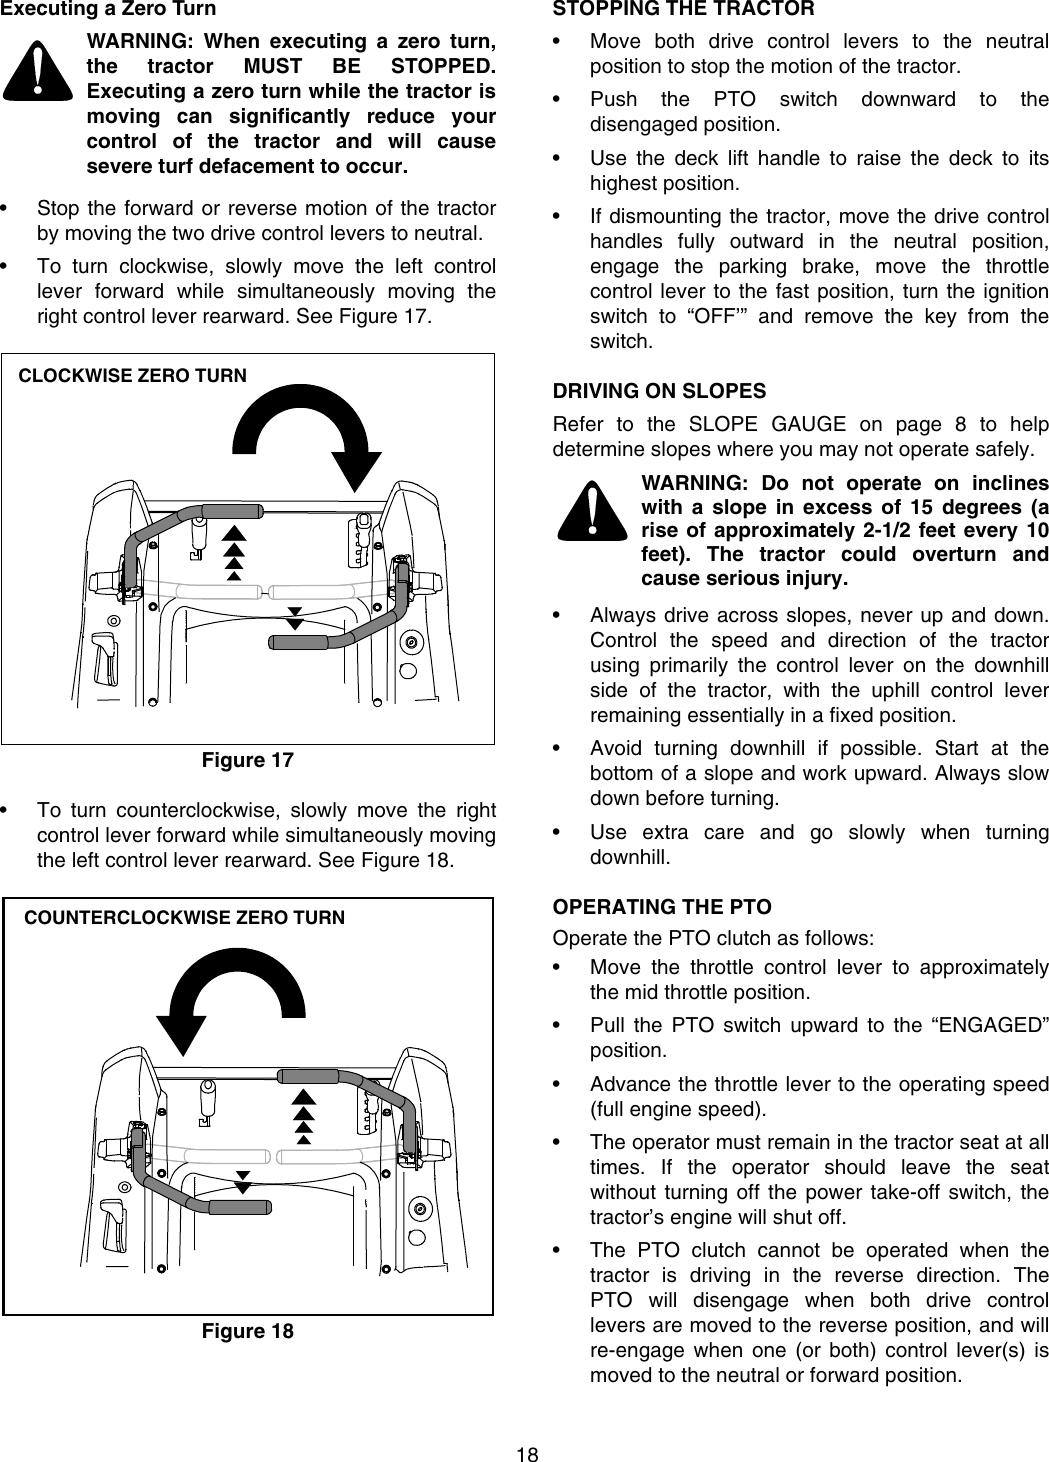 Cub Cadet Rzt 50 Operators Manual ManualsLib Makes It Easy